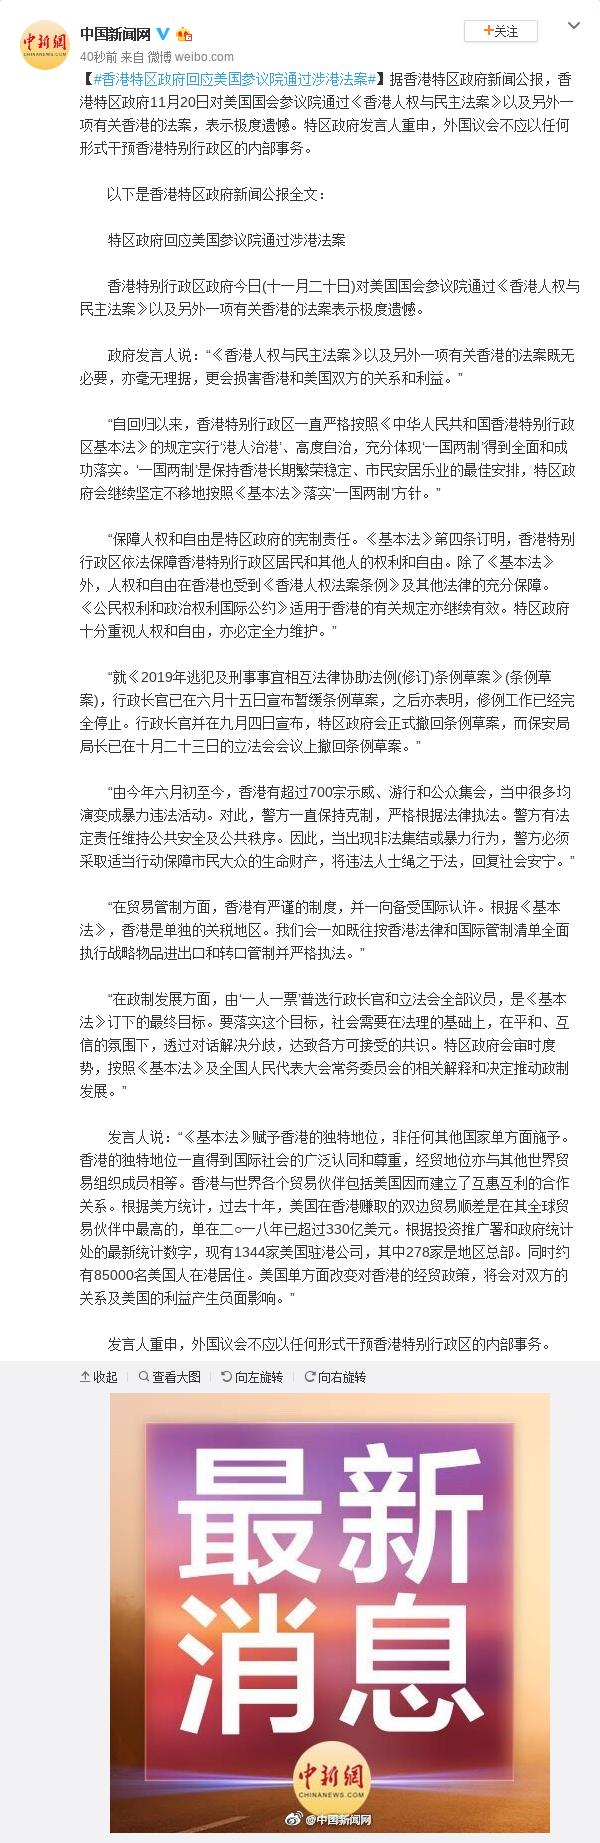 大世界线网娱乐送50_河北一村民违建楼租给医院 国土局拆不掉还输官司